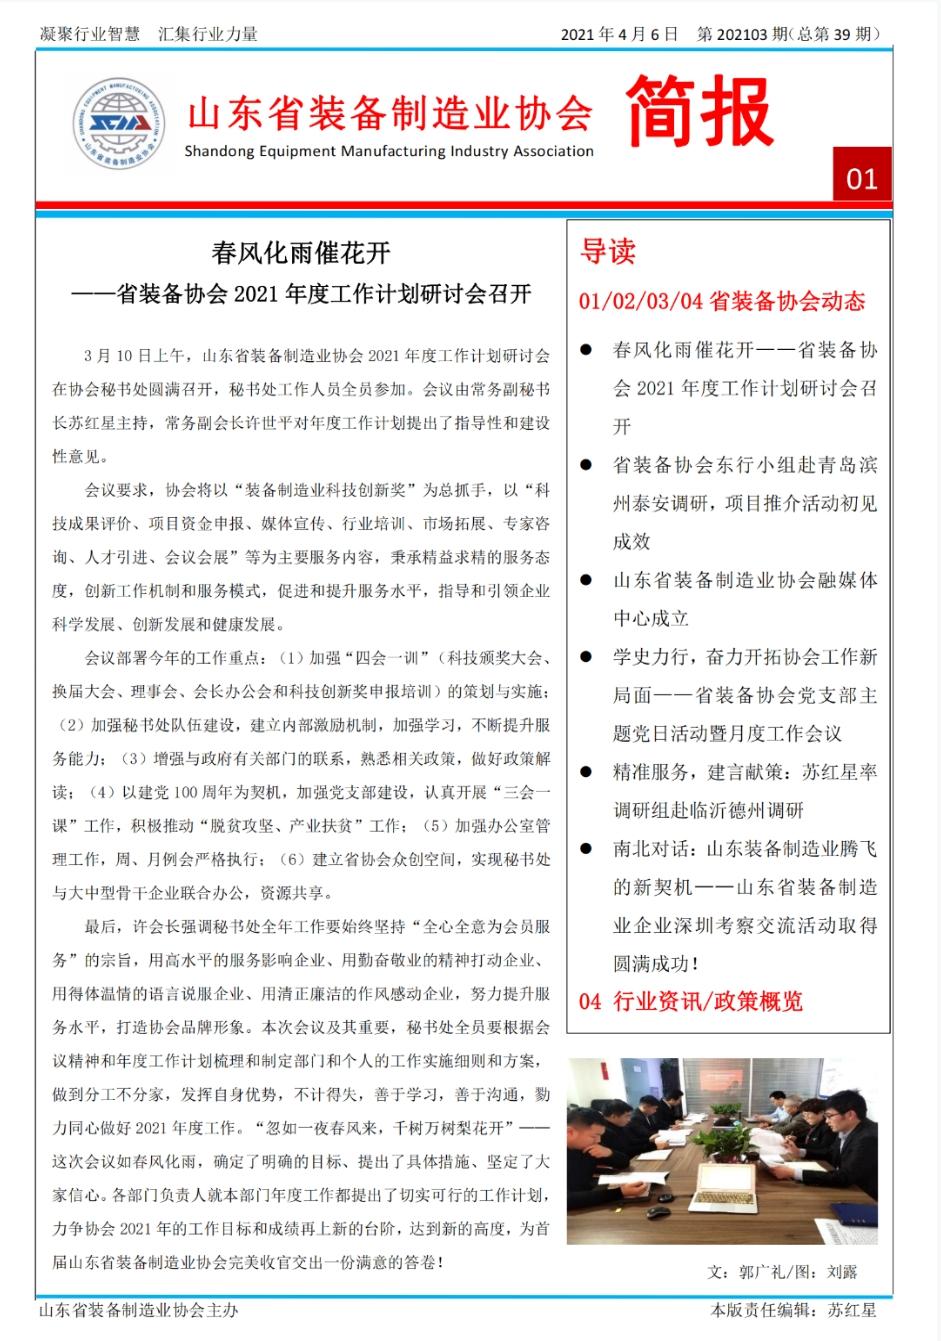 山东省装备制造业协会简报2021年第3期第1版